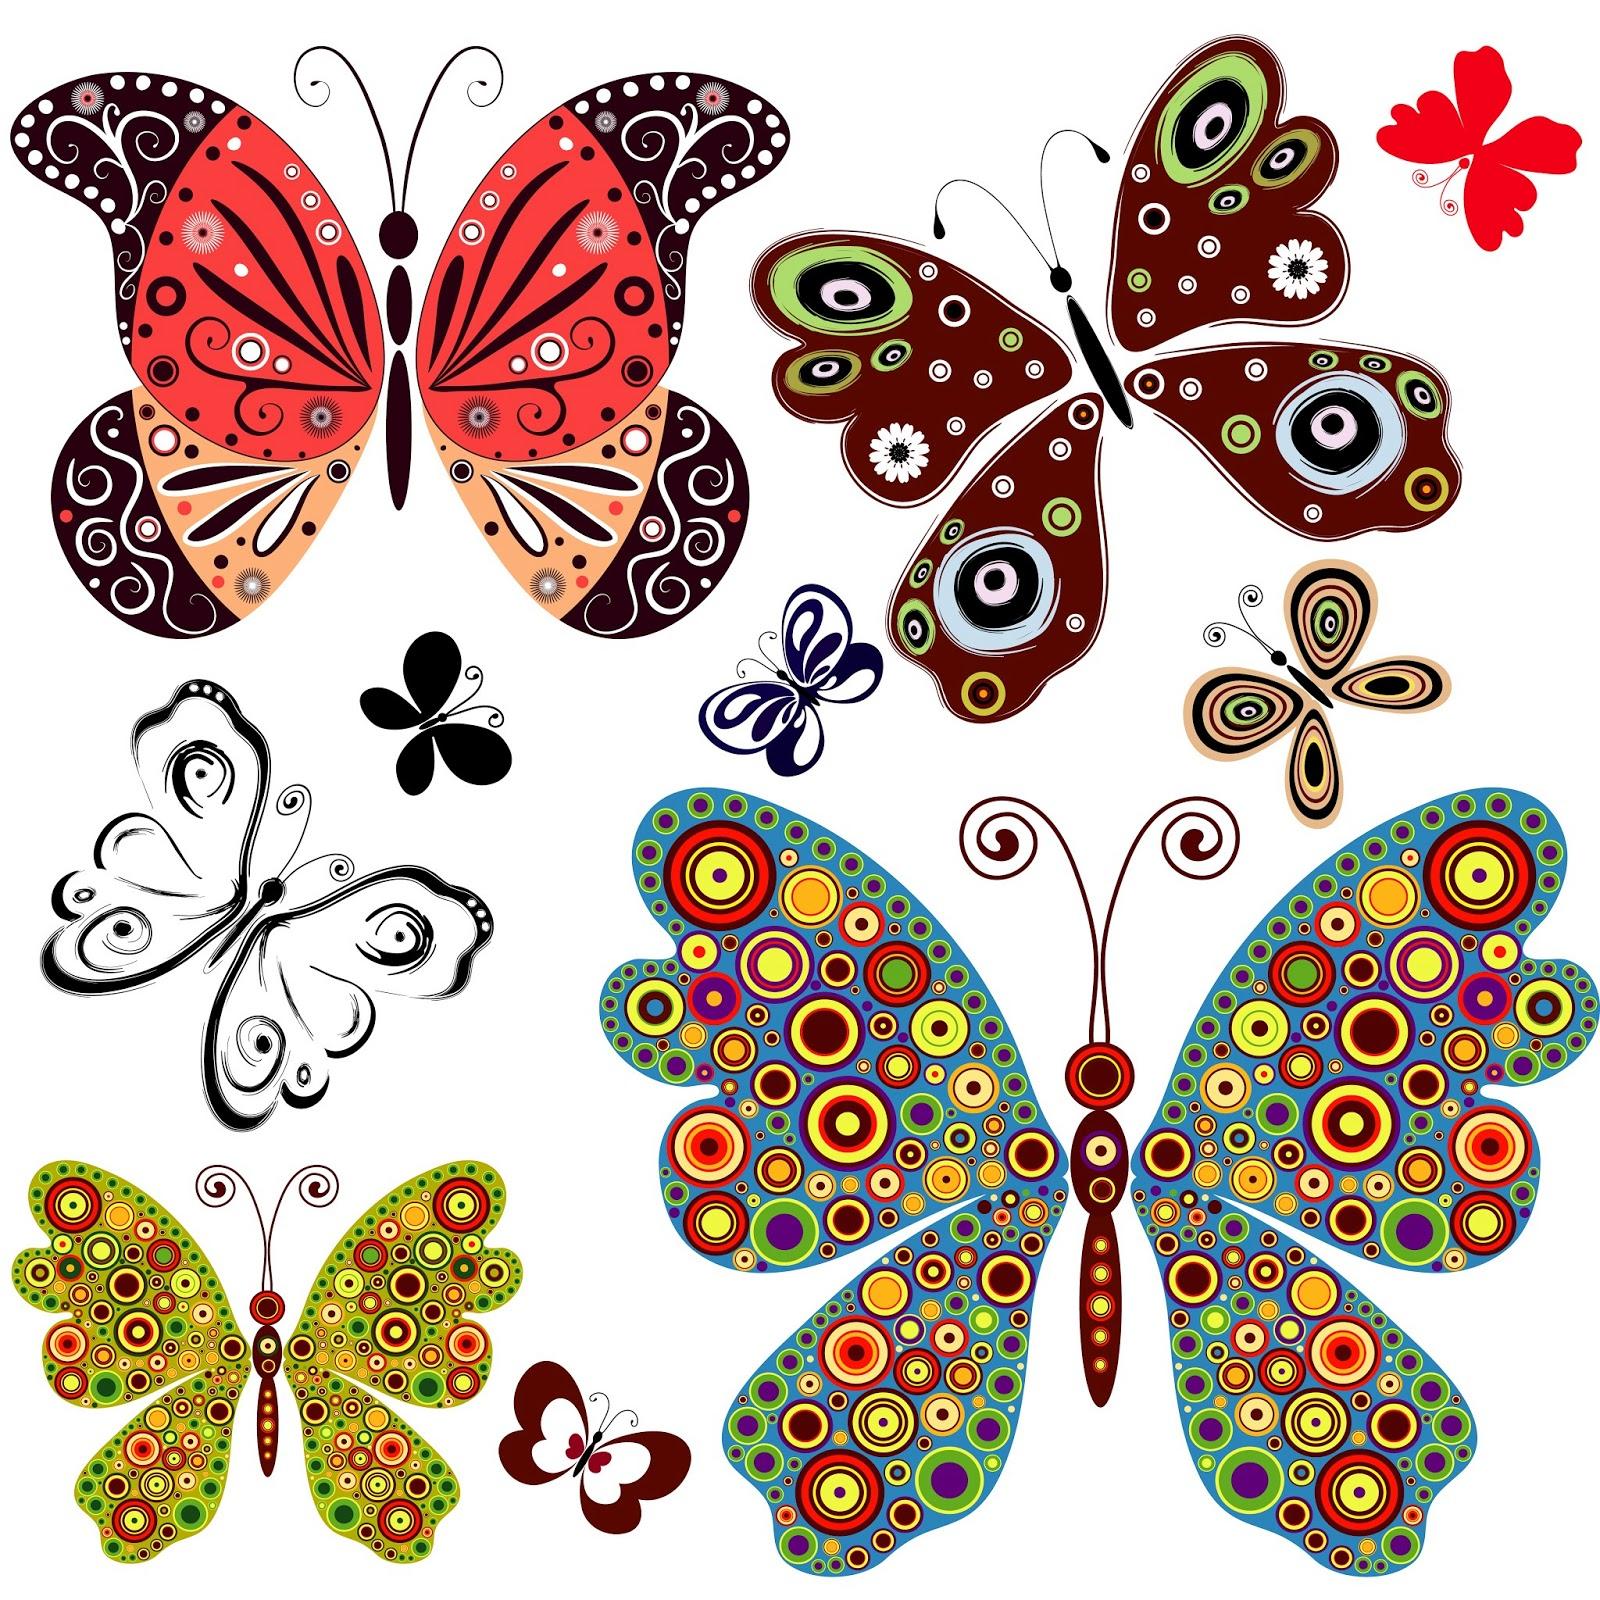 Dibujos de mariposas de colores para imprimir imagui - Imagenes de mariposas de colores ...